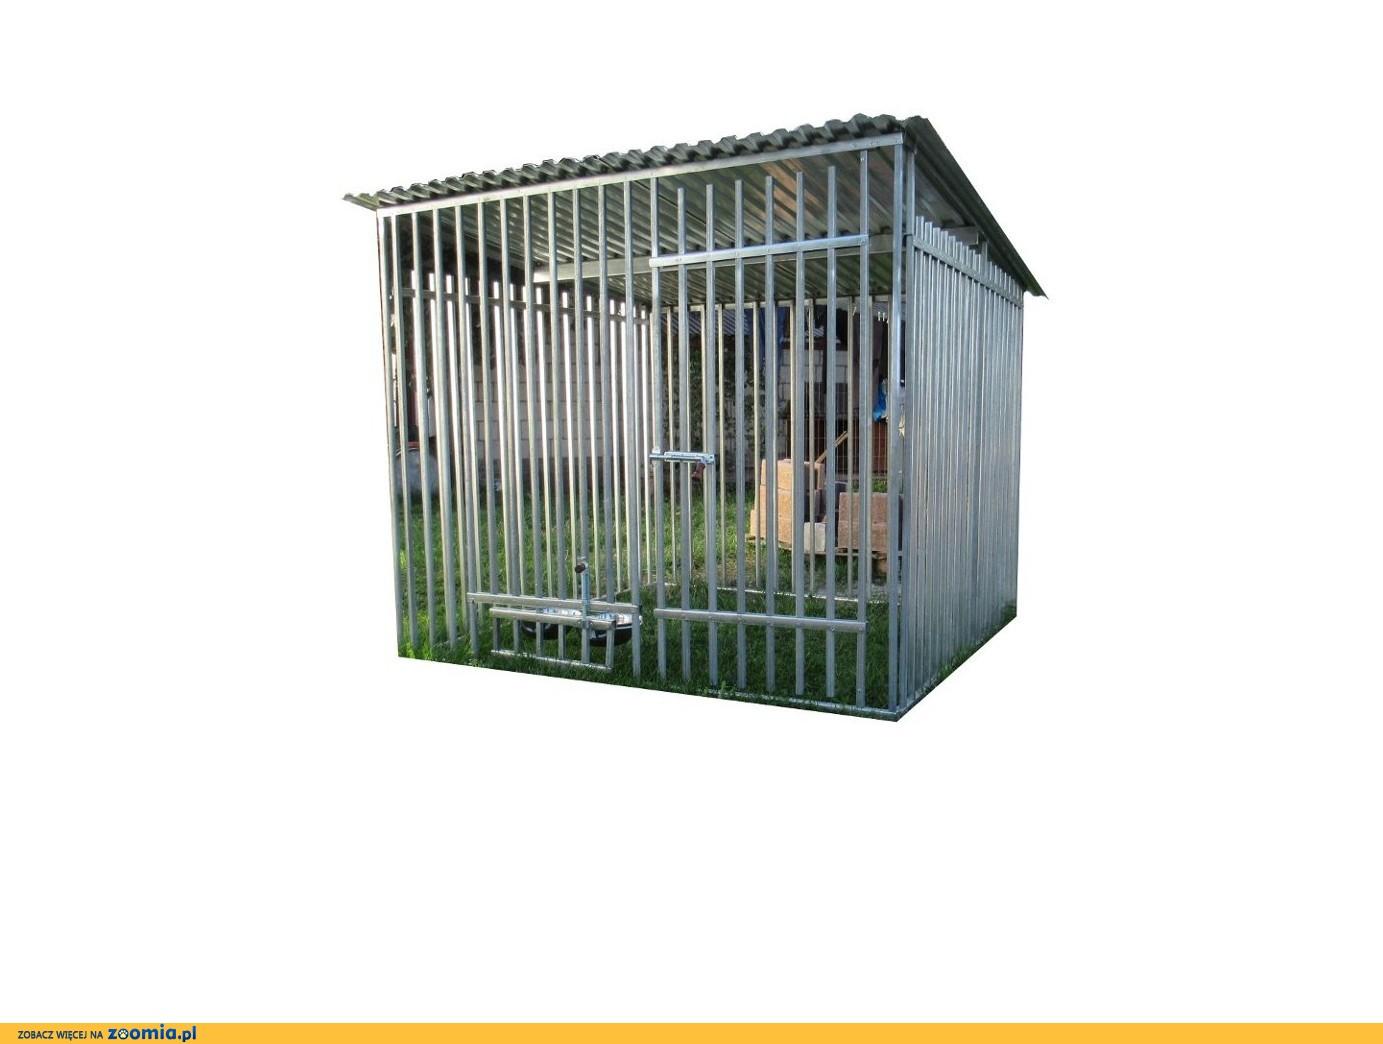 Kojec dla psa kojce dla psów różne wymiary Producent KLUCZBORK opolskie